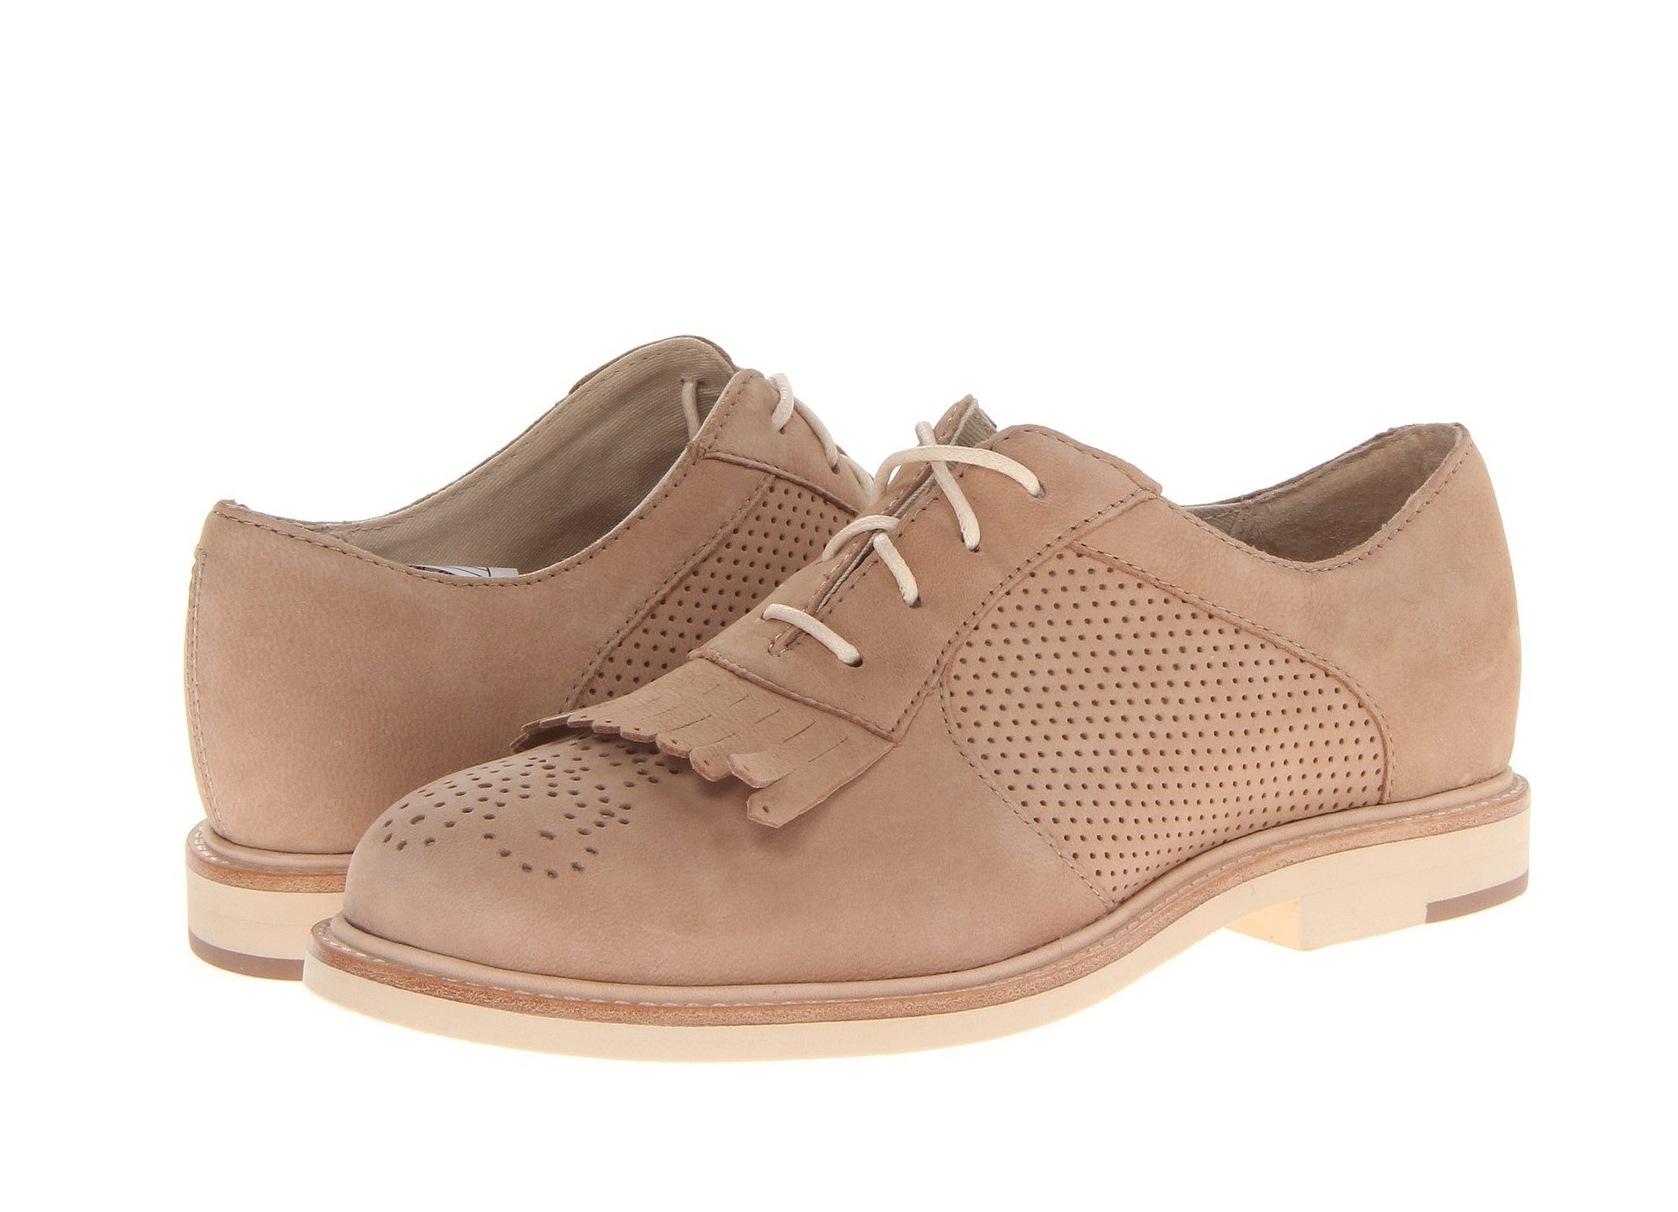 осенние женские туфли на низком